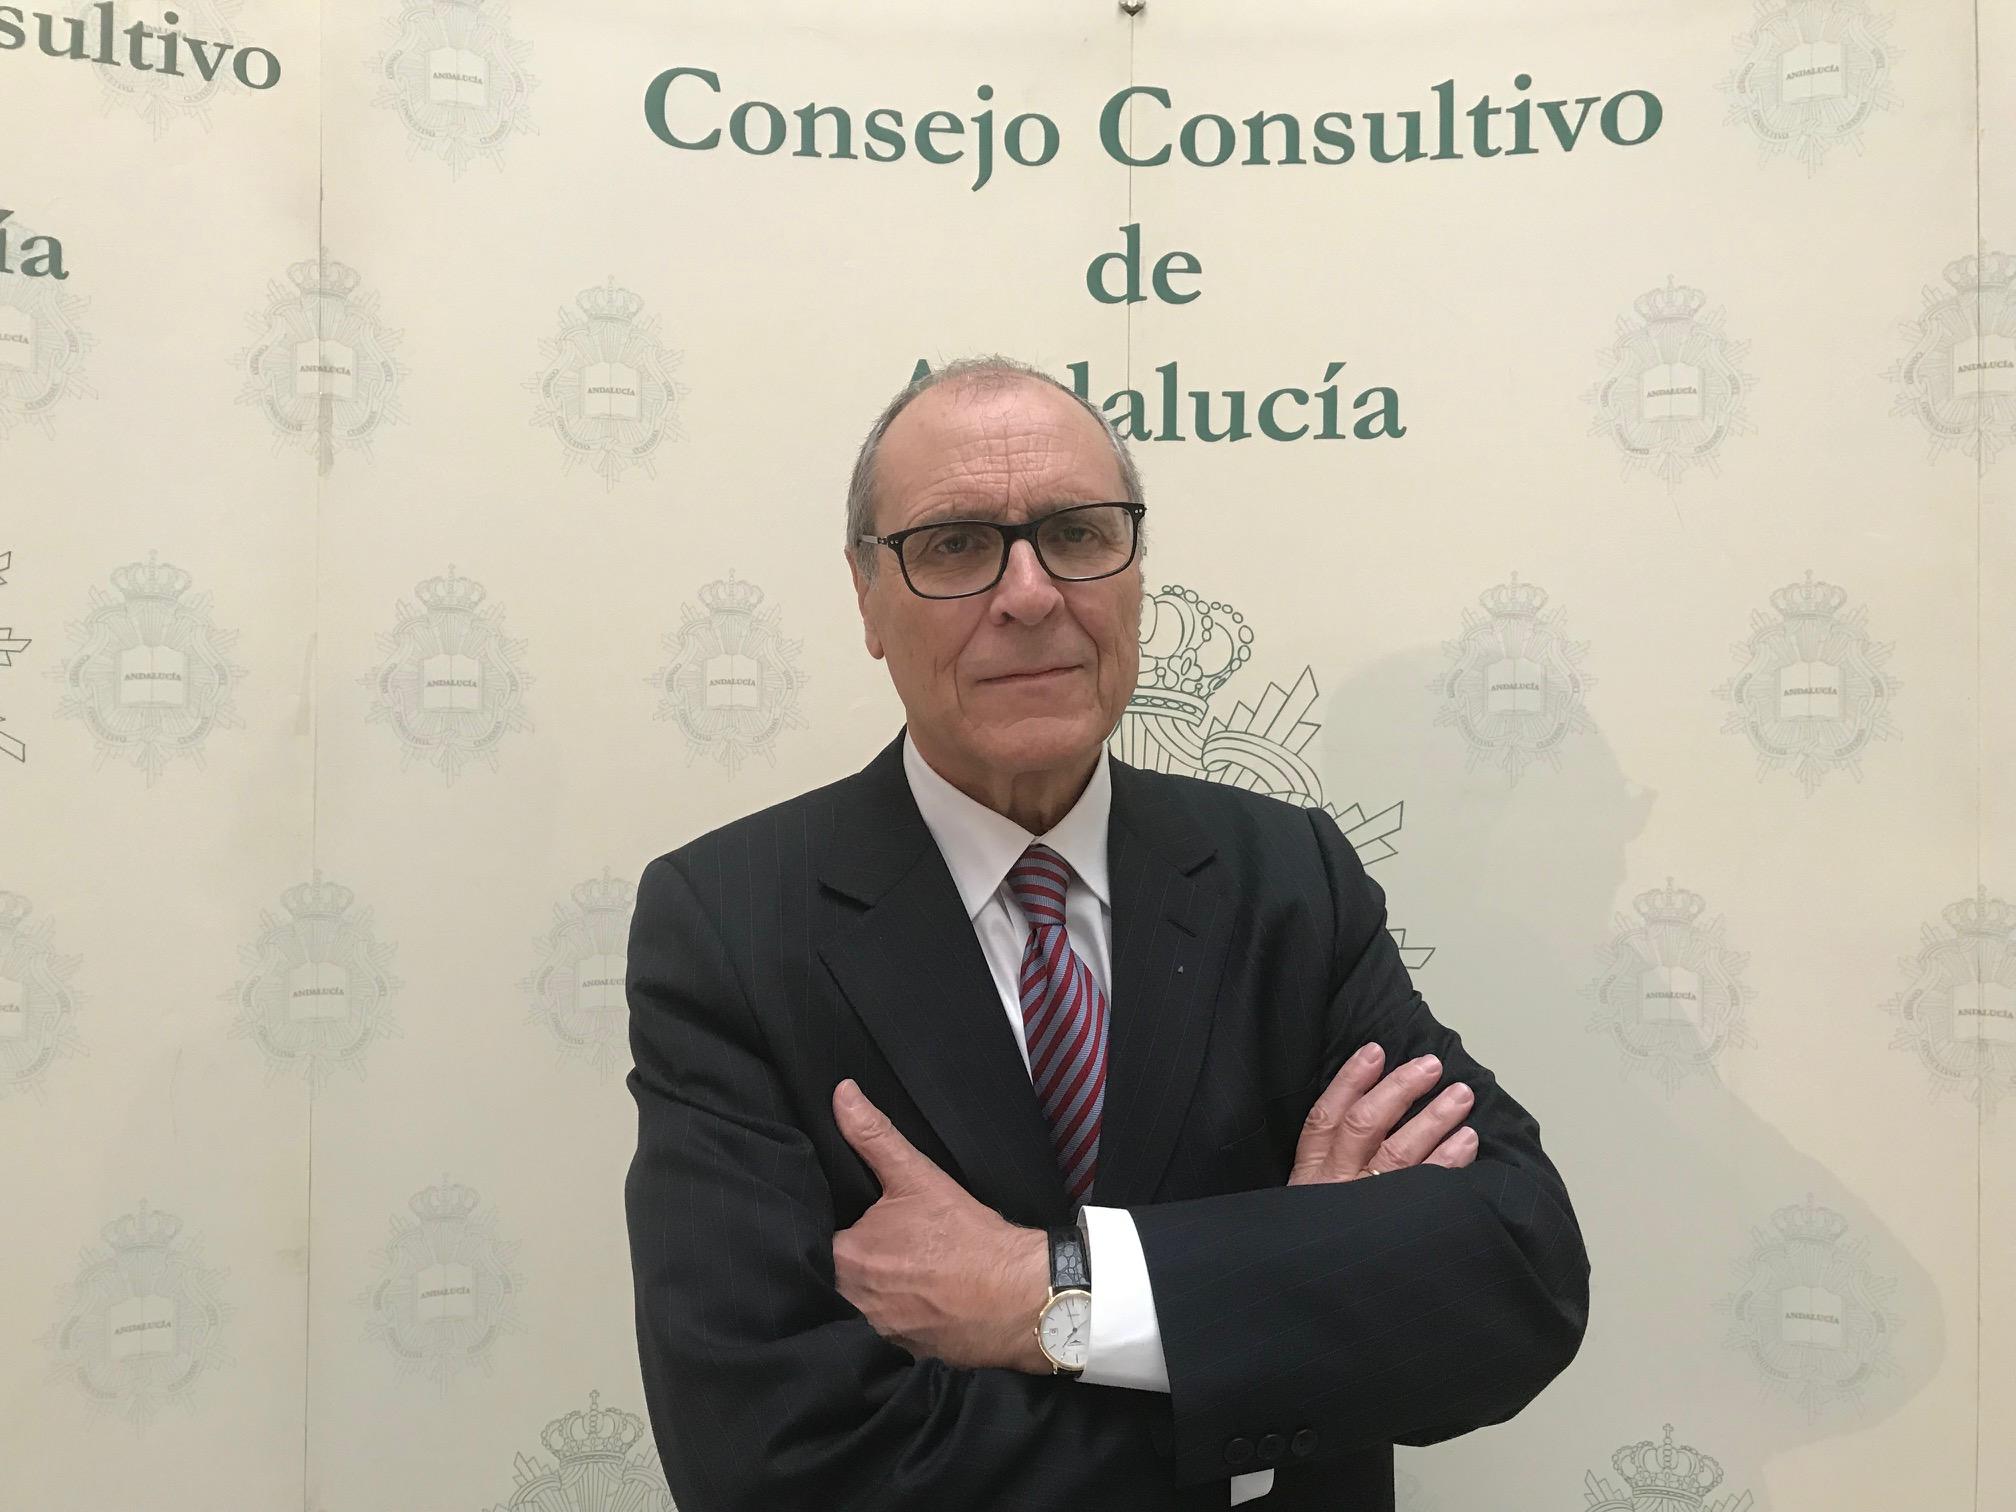 Joaquin Cifuentes